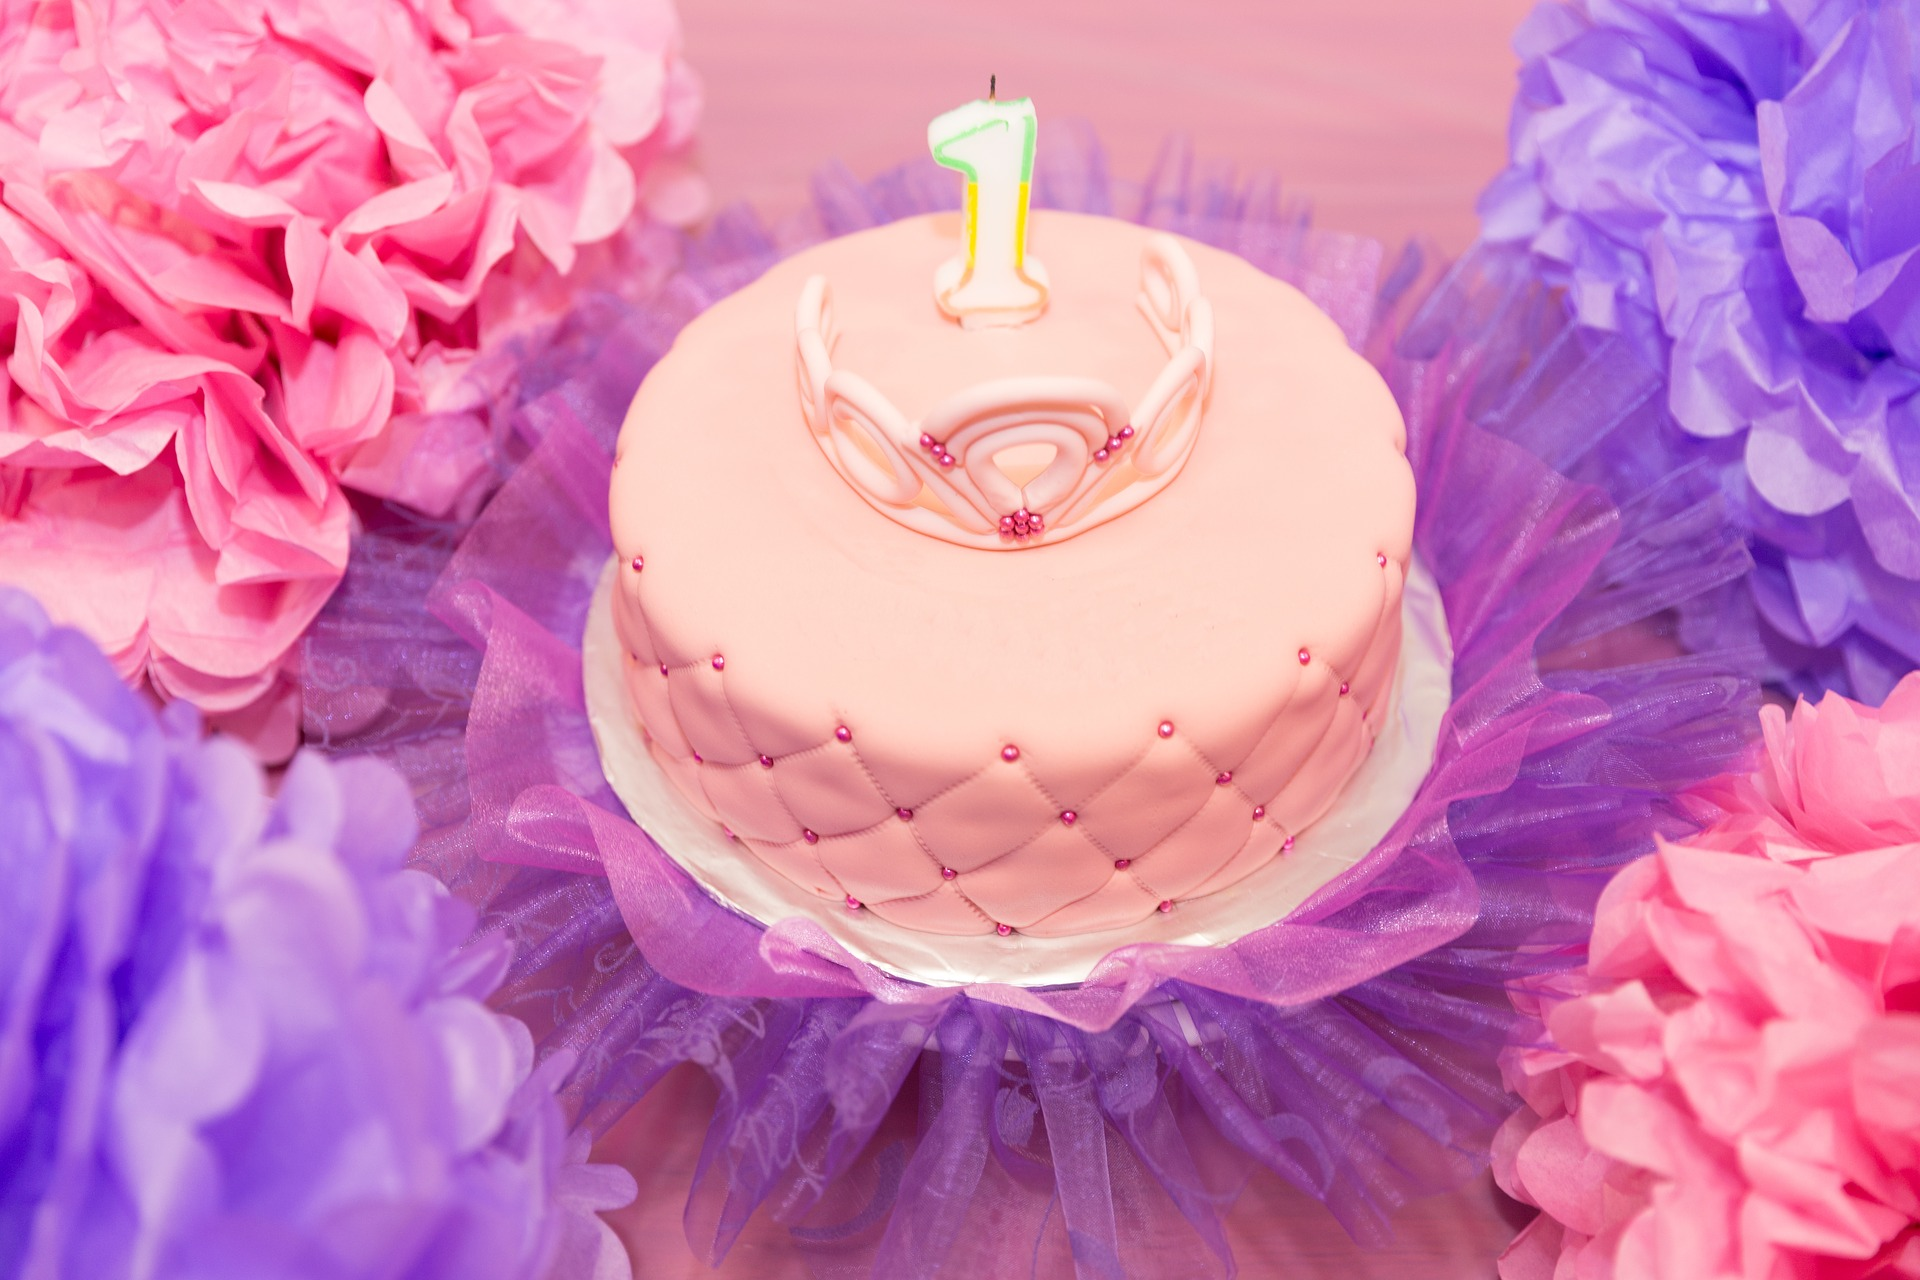 Idéer til dekorationer til børns fødselsdagsfester